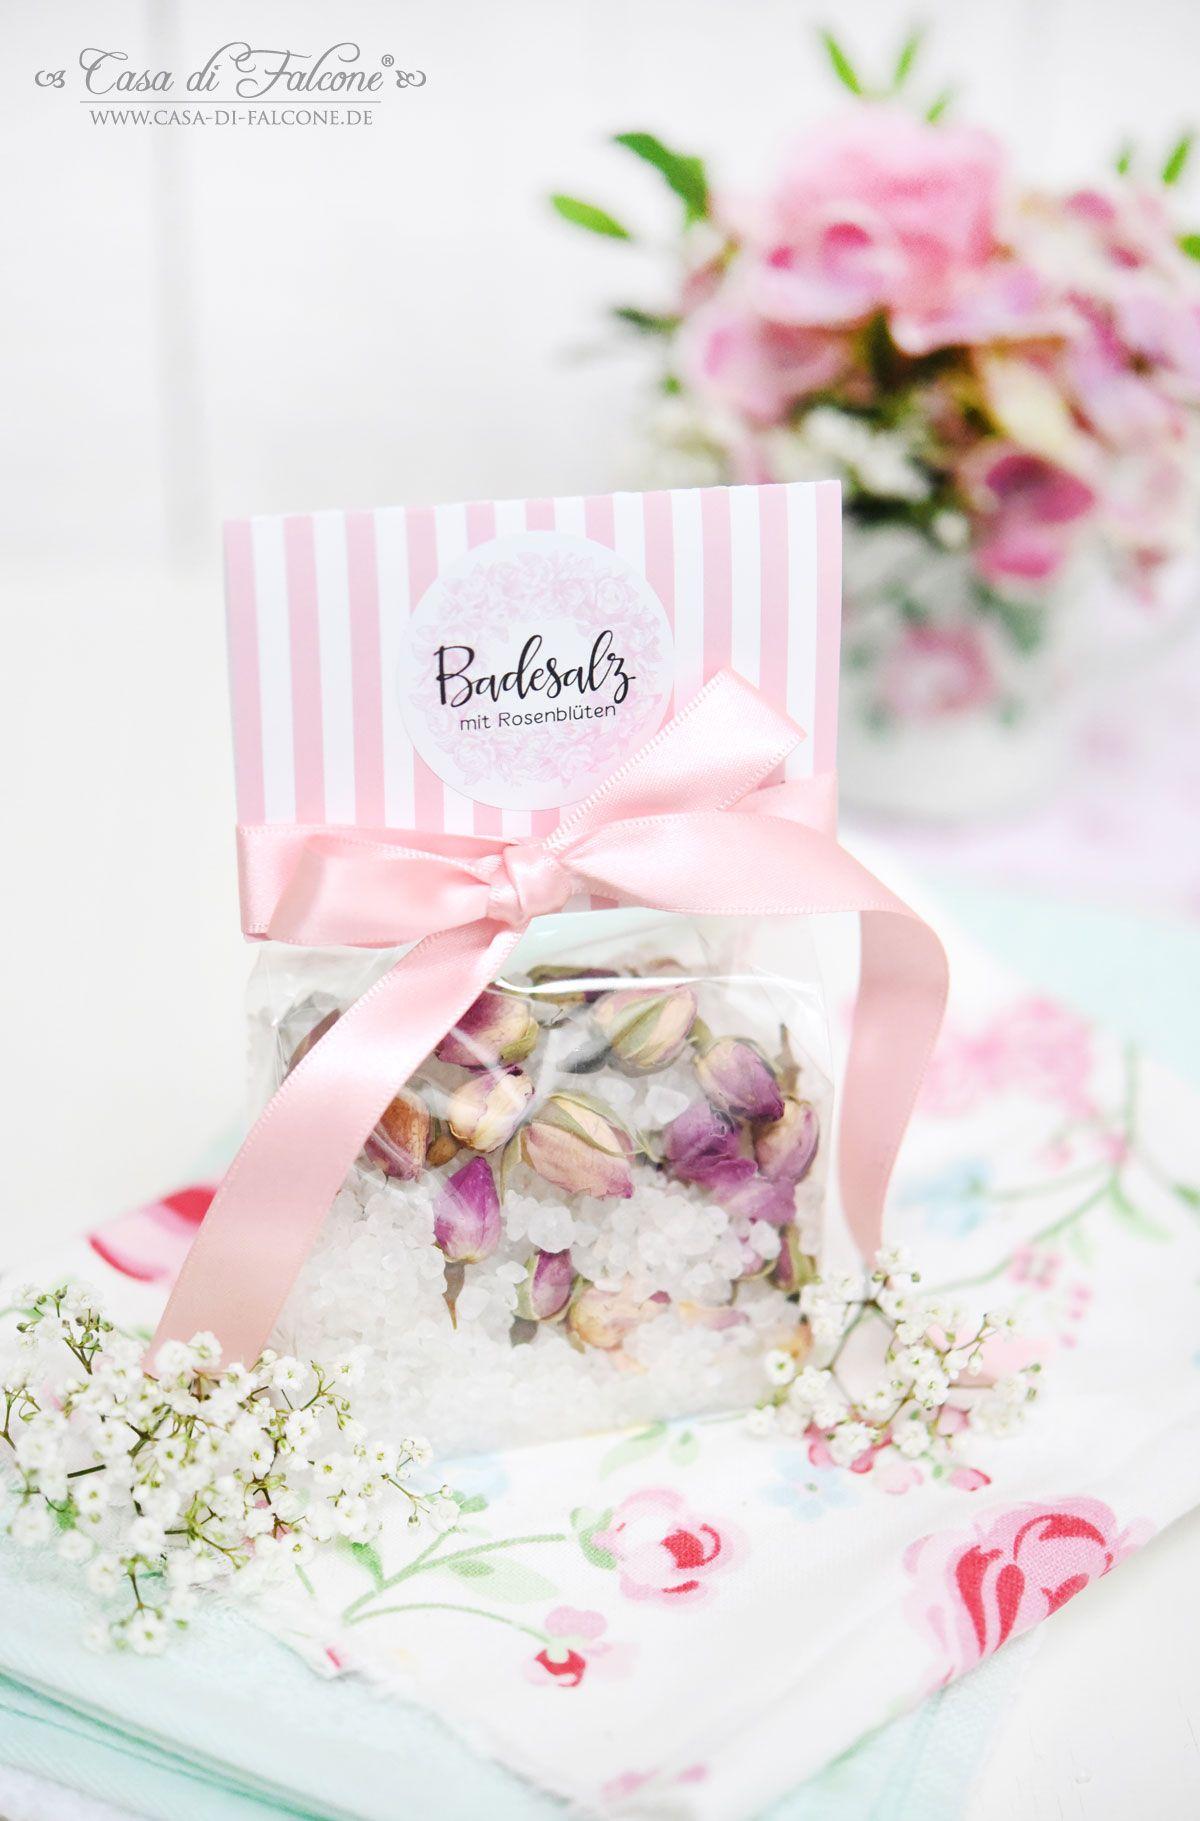 Badesalz mit Rosenblüten I Hochzeit I Gastgeschenk I Casa di